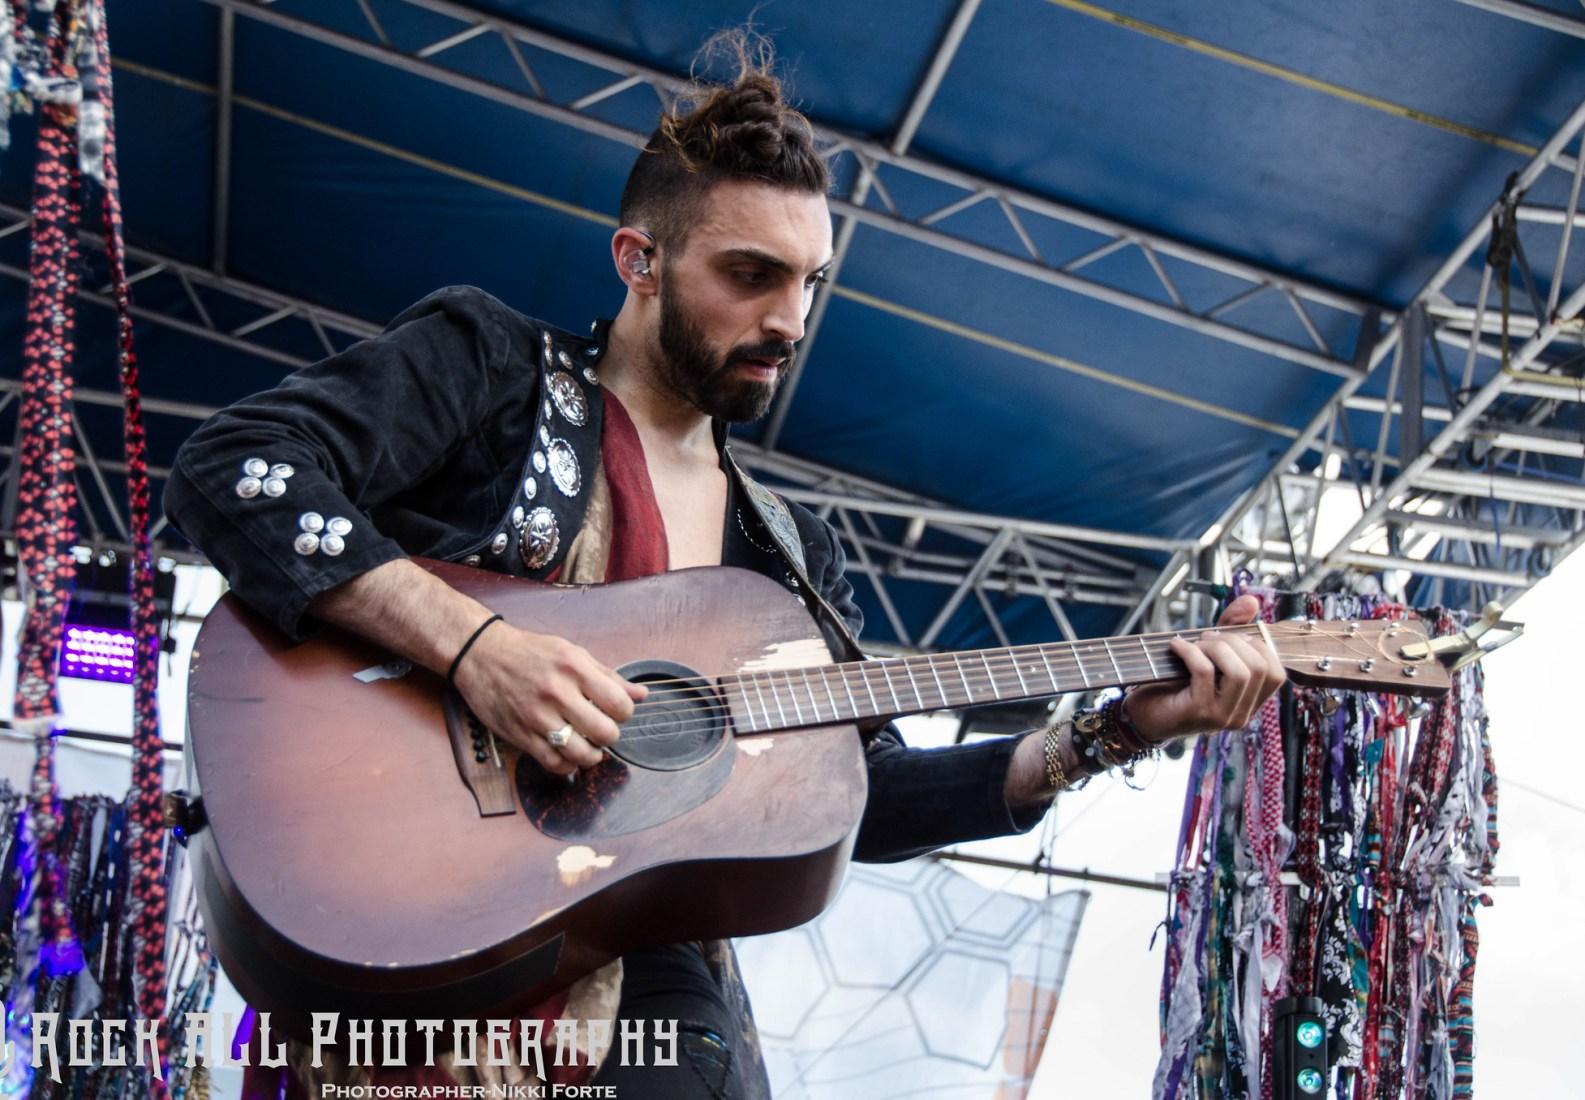 MAGIC GIANT - Bunbury Music Festival 2018 - 6/2/18 - Cincinnati Ohio